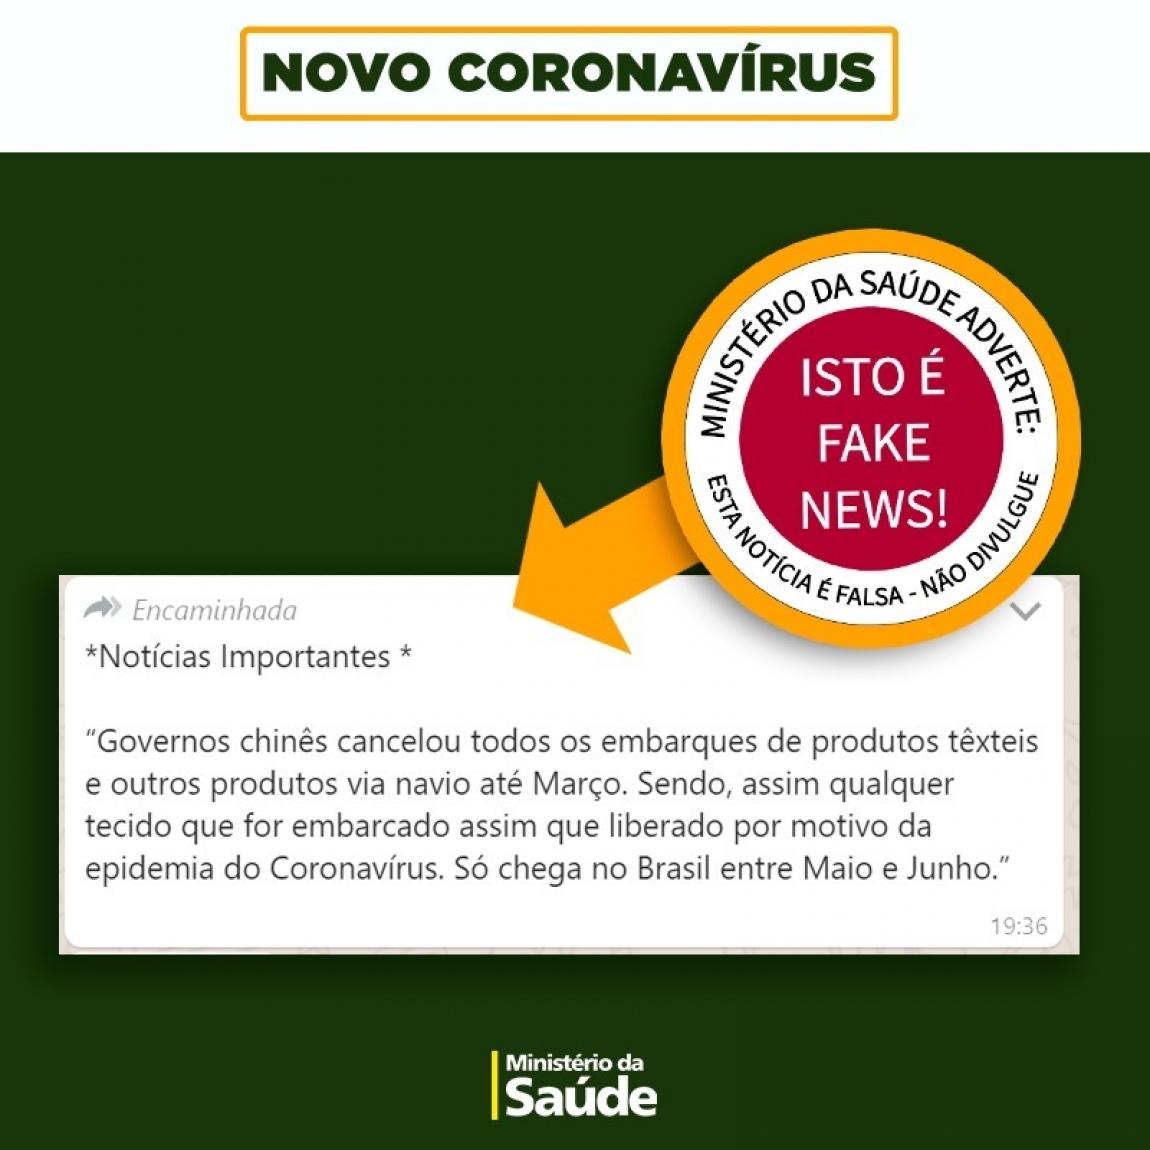 Imagem de Fake news atingem 85% das mensagens sobre coronavírus checadas pelo Ministério da Saúde